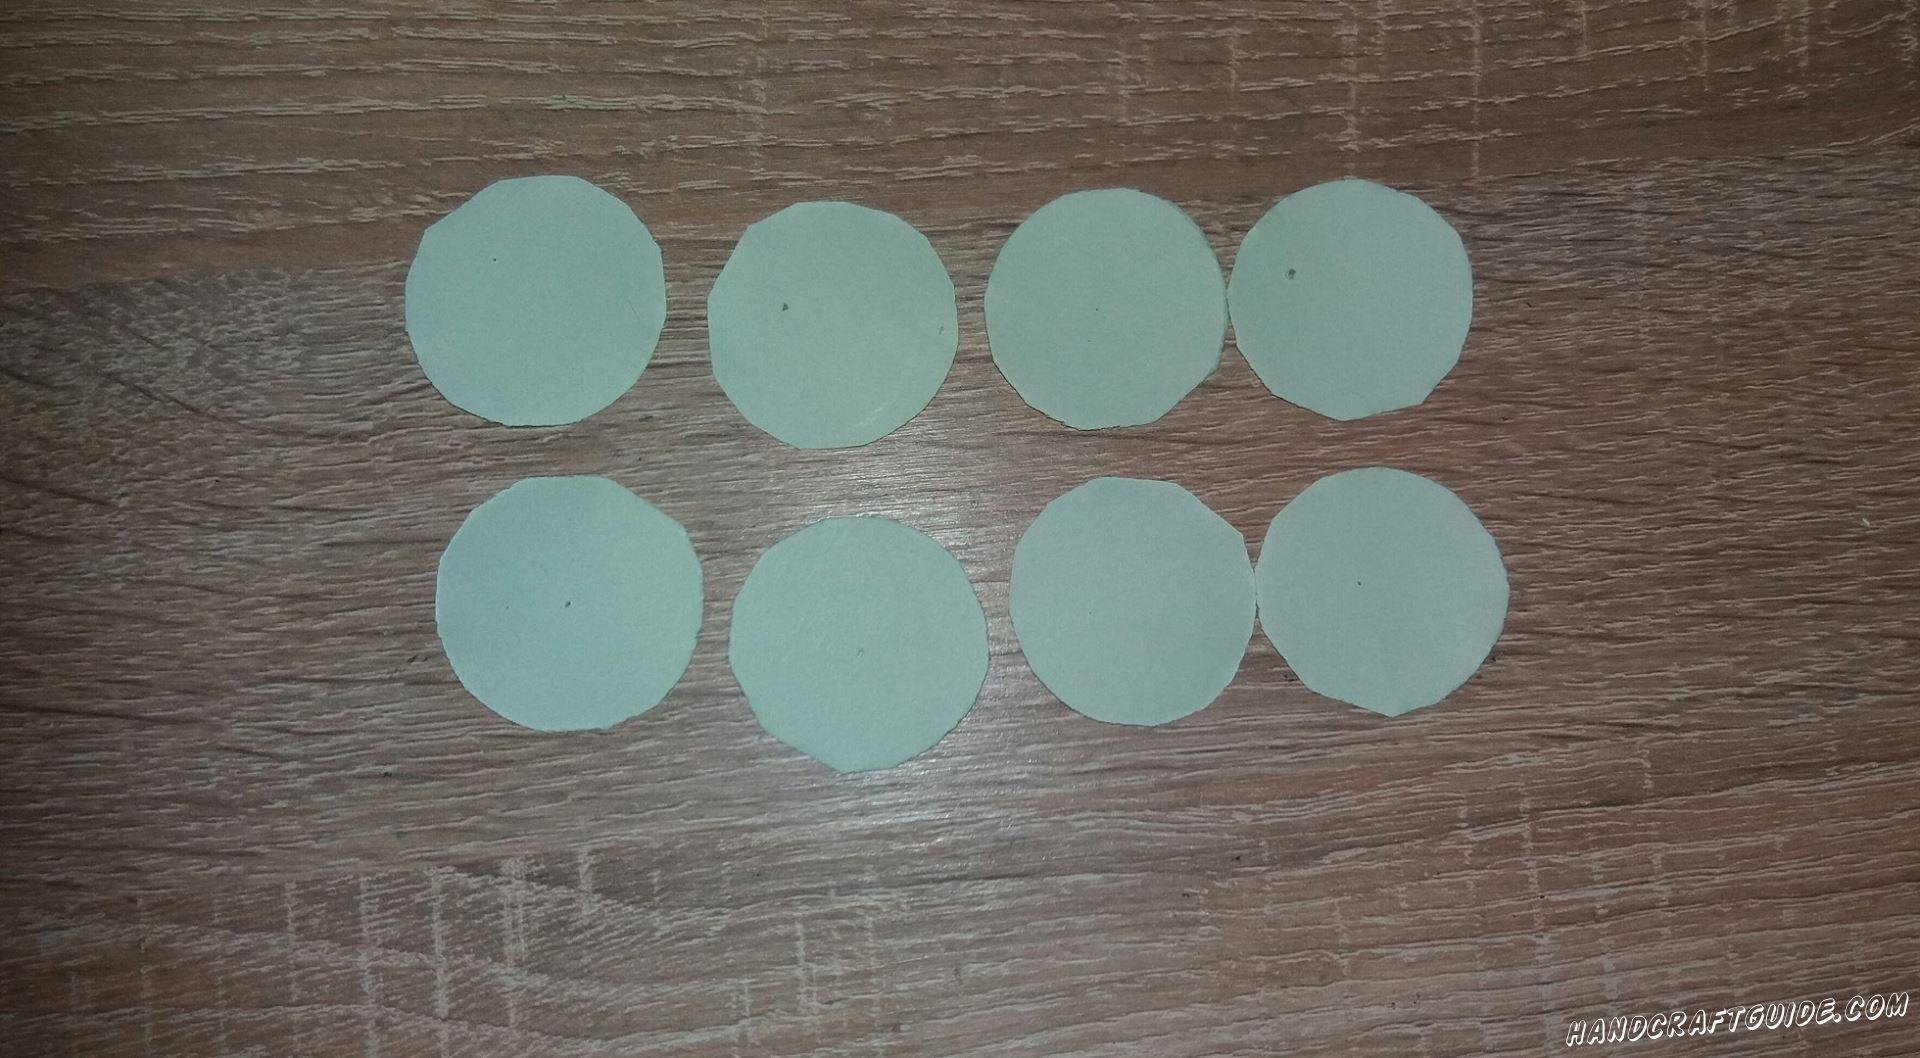 Затем берем светло-зеленые кружки и сворачиваем их с двух сторон ближе к одной из них, чтоб получилось как рожок для мороженного.